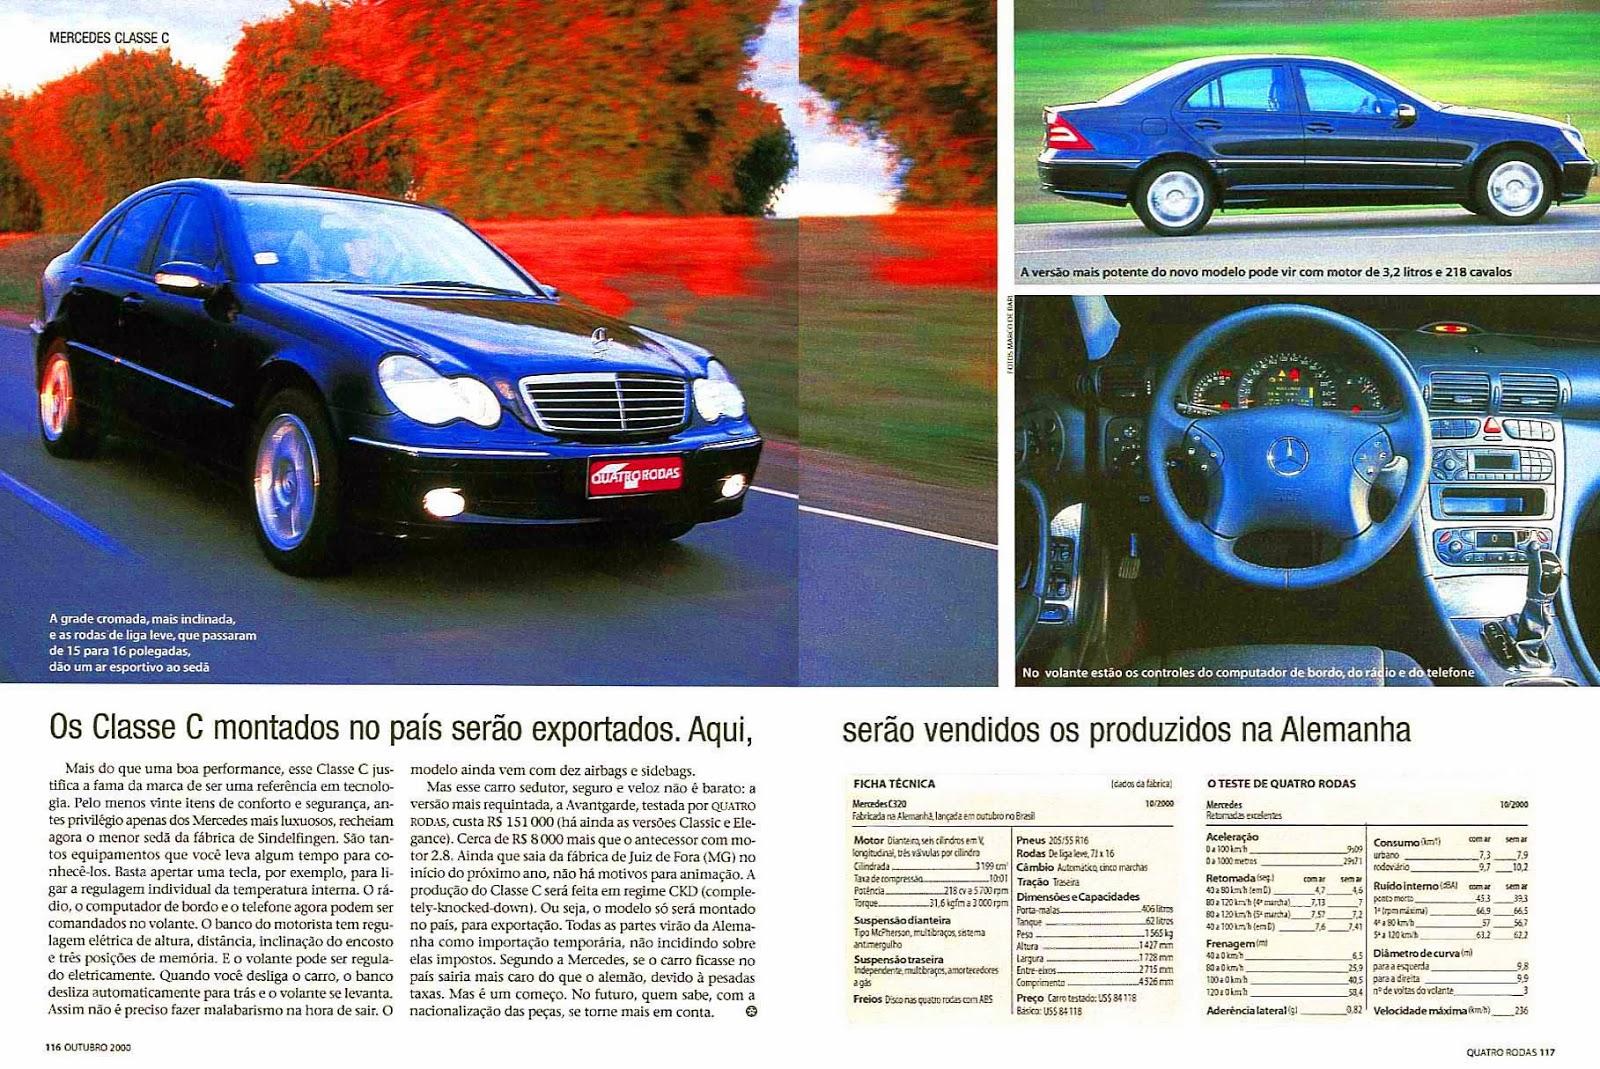 (W203): Avaliação - Revista Quatro Rodas - C320 - outubro/2000 483%252C117%252C40%252C10%252CTE